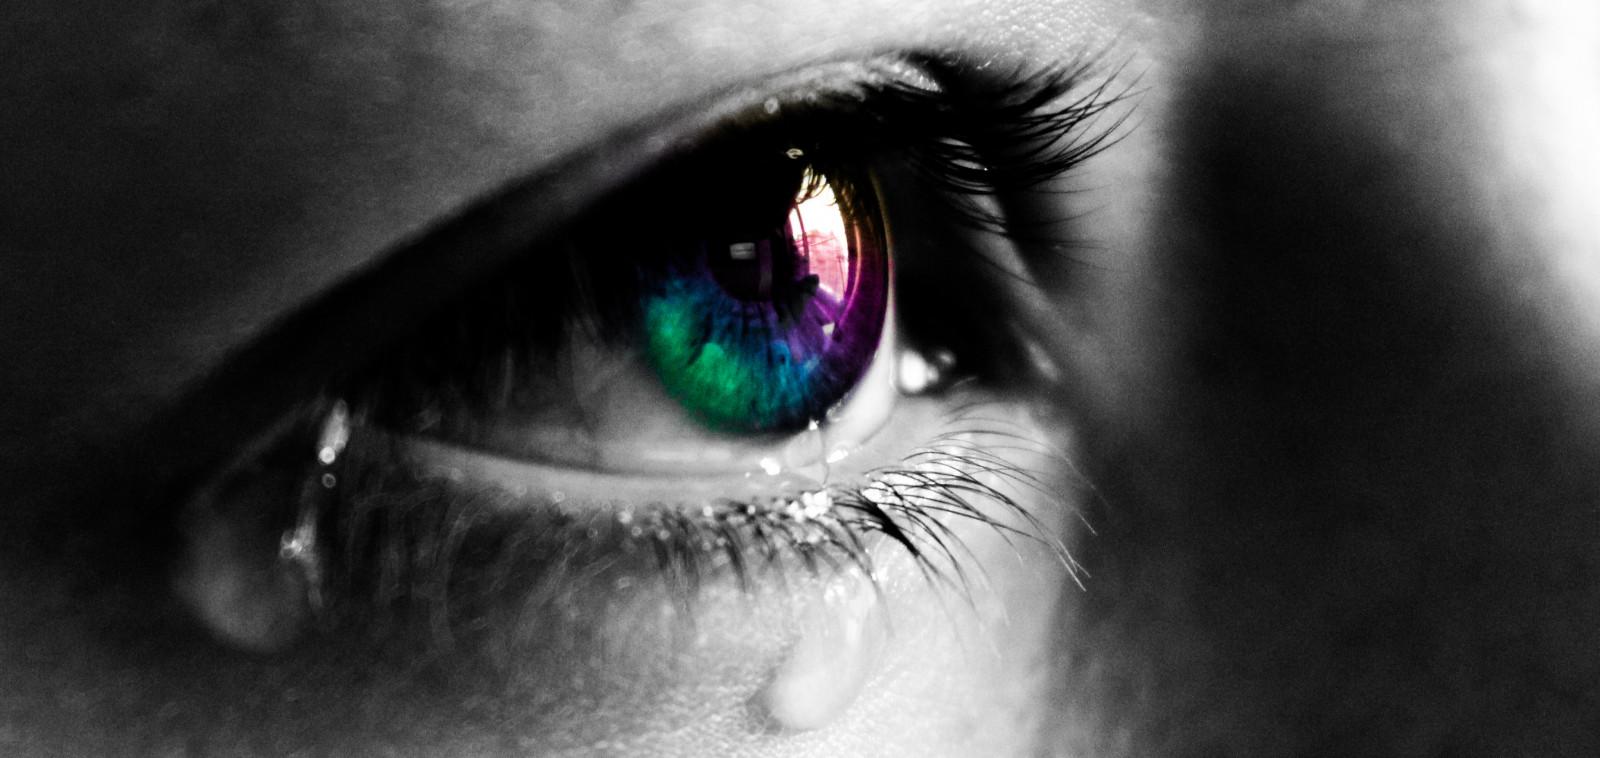 Марта, картинки глаза в слезах